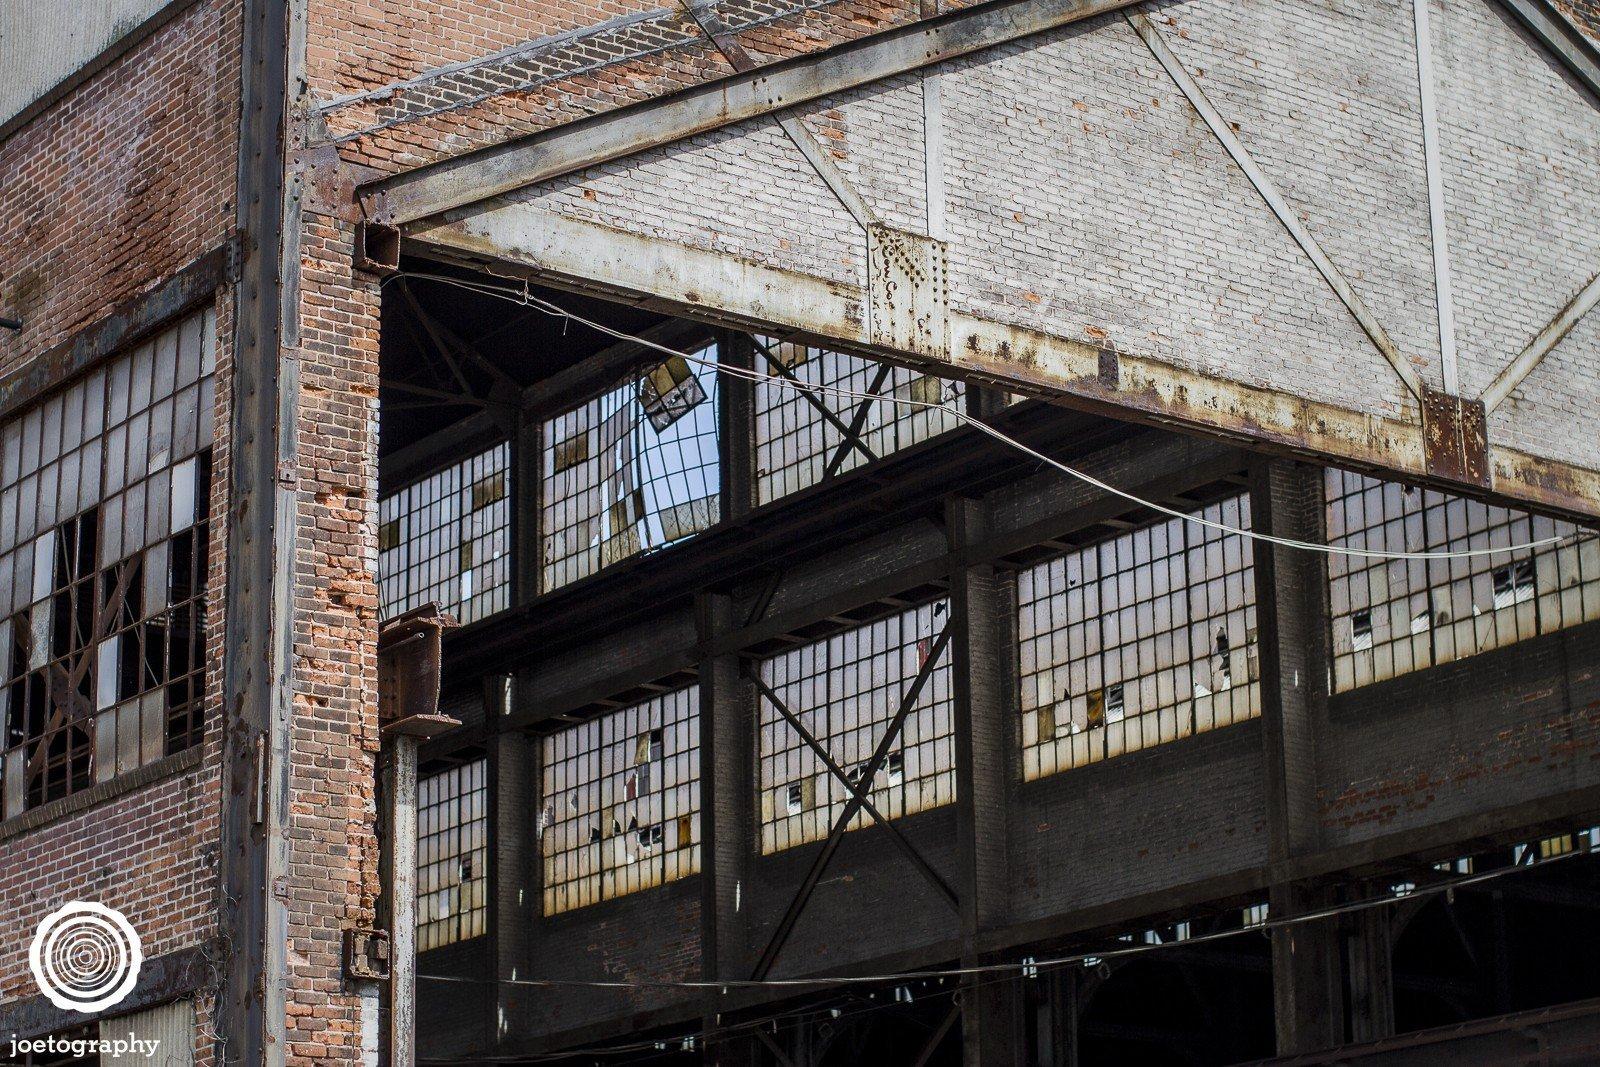 joetography-travel-photography-bethlehem-steel-pennsylvania-2015-16